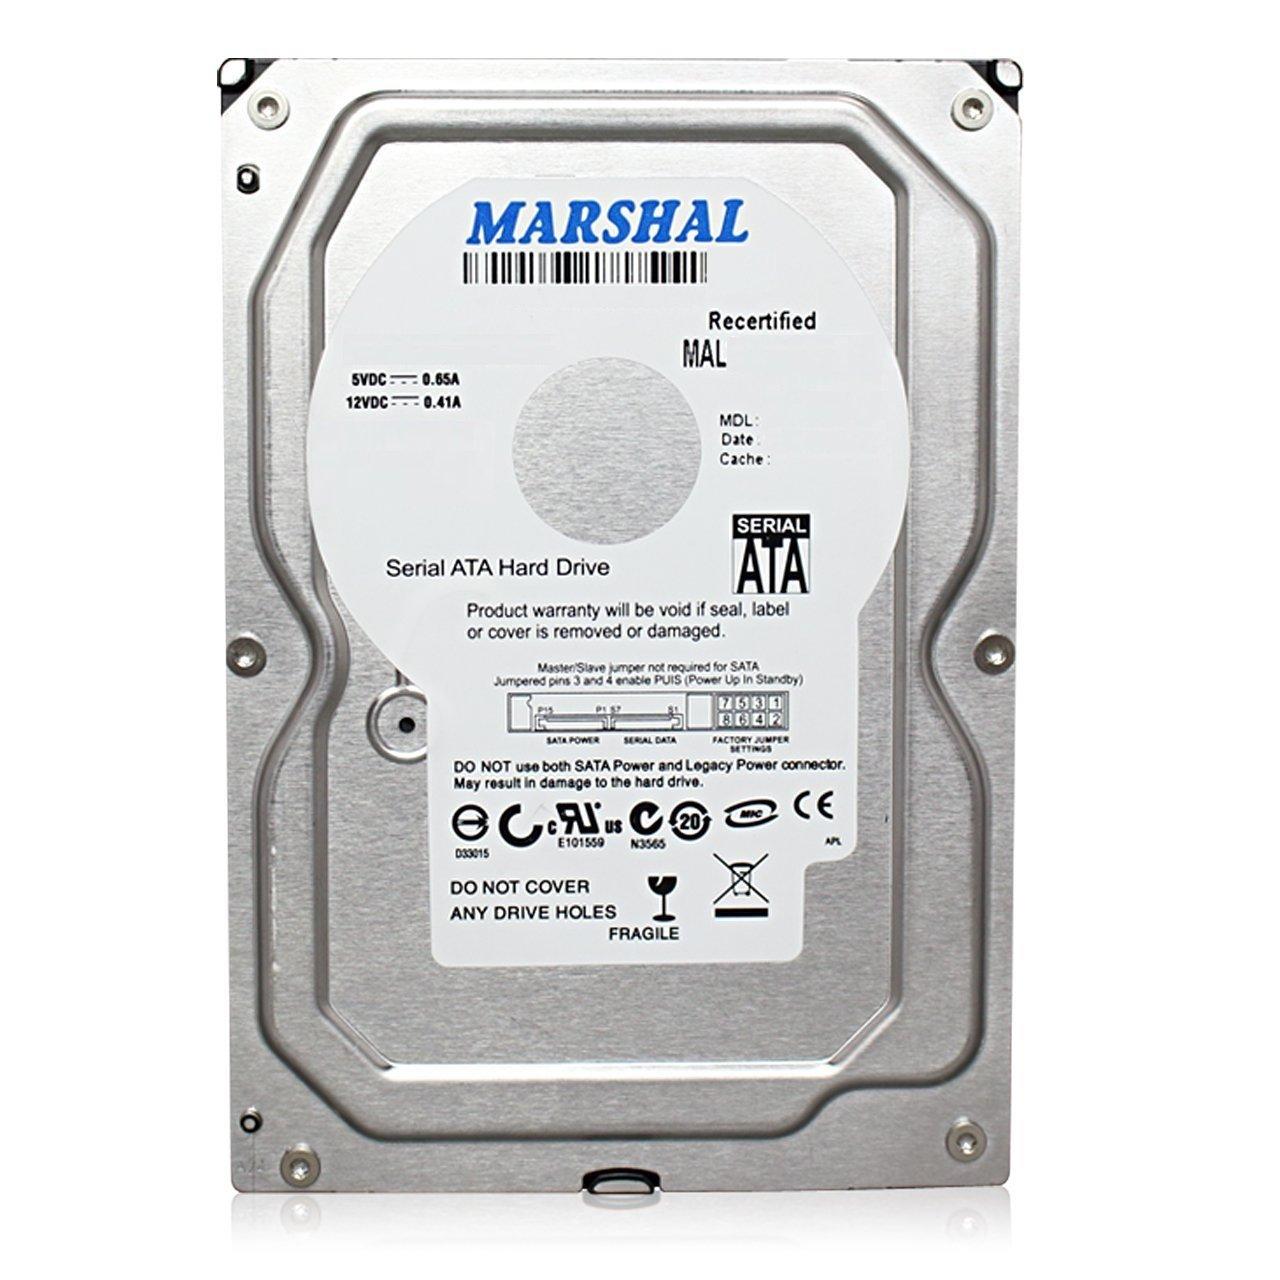 最先端 【3TB】MARSHAL MAL33000SA-W72 MAL33000SA-W72 (3TB,7200rpm,S-ATA) 3.5HDD B01MRHNO6I (T) 7200rpm【3TB】MARSHAL (T) 500GB 500GB|7200rpm (T), 酒田市:30f5486e --- efichas.com.br